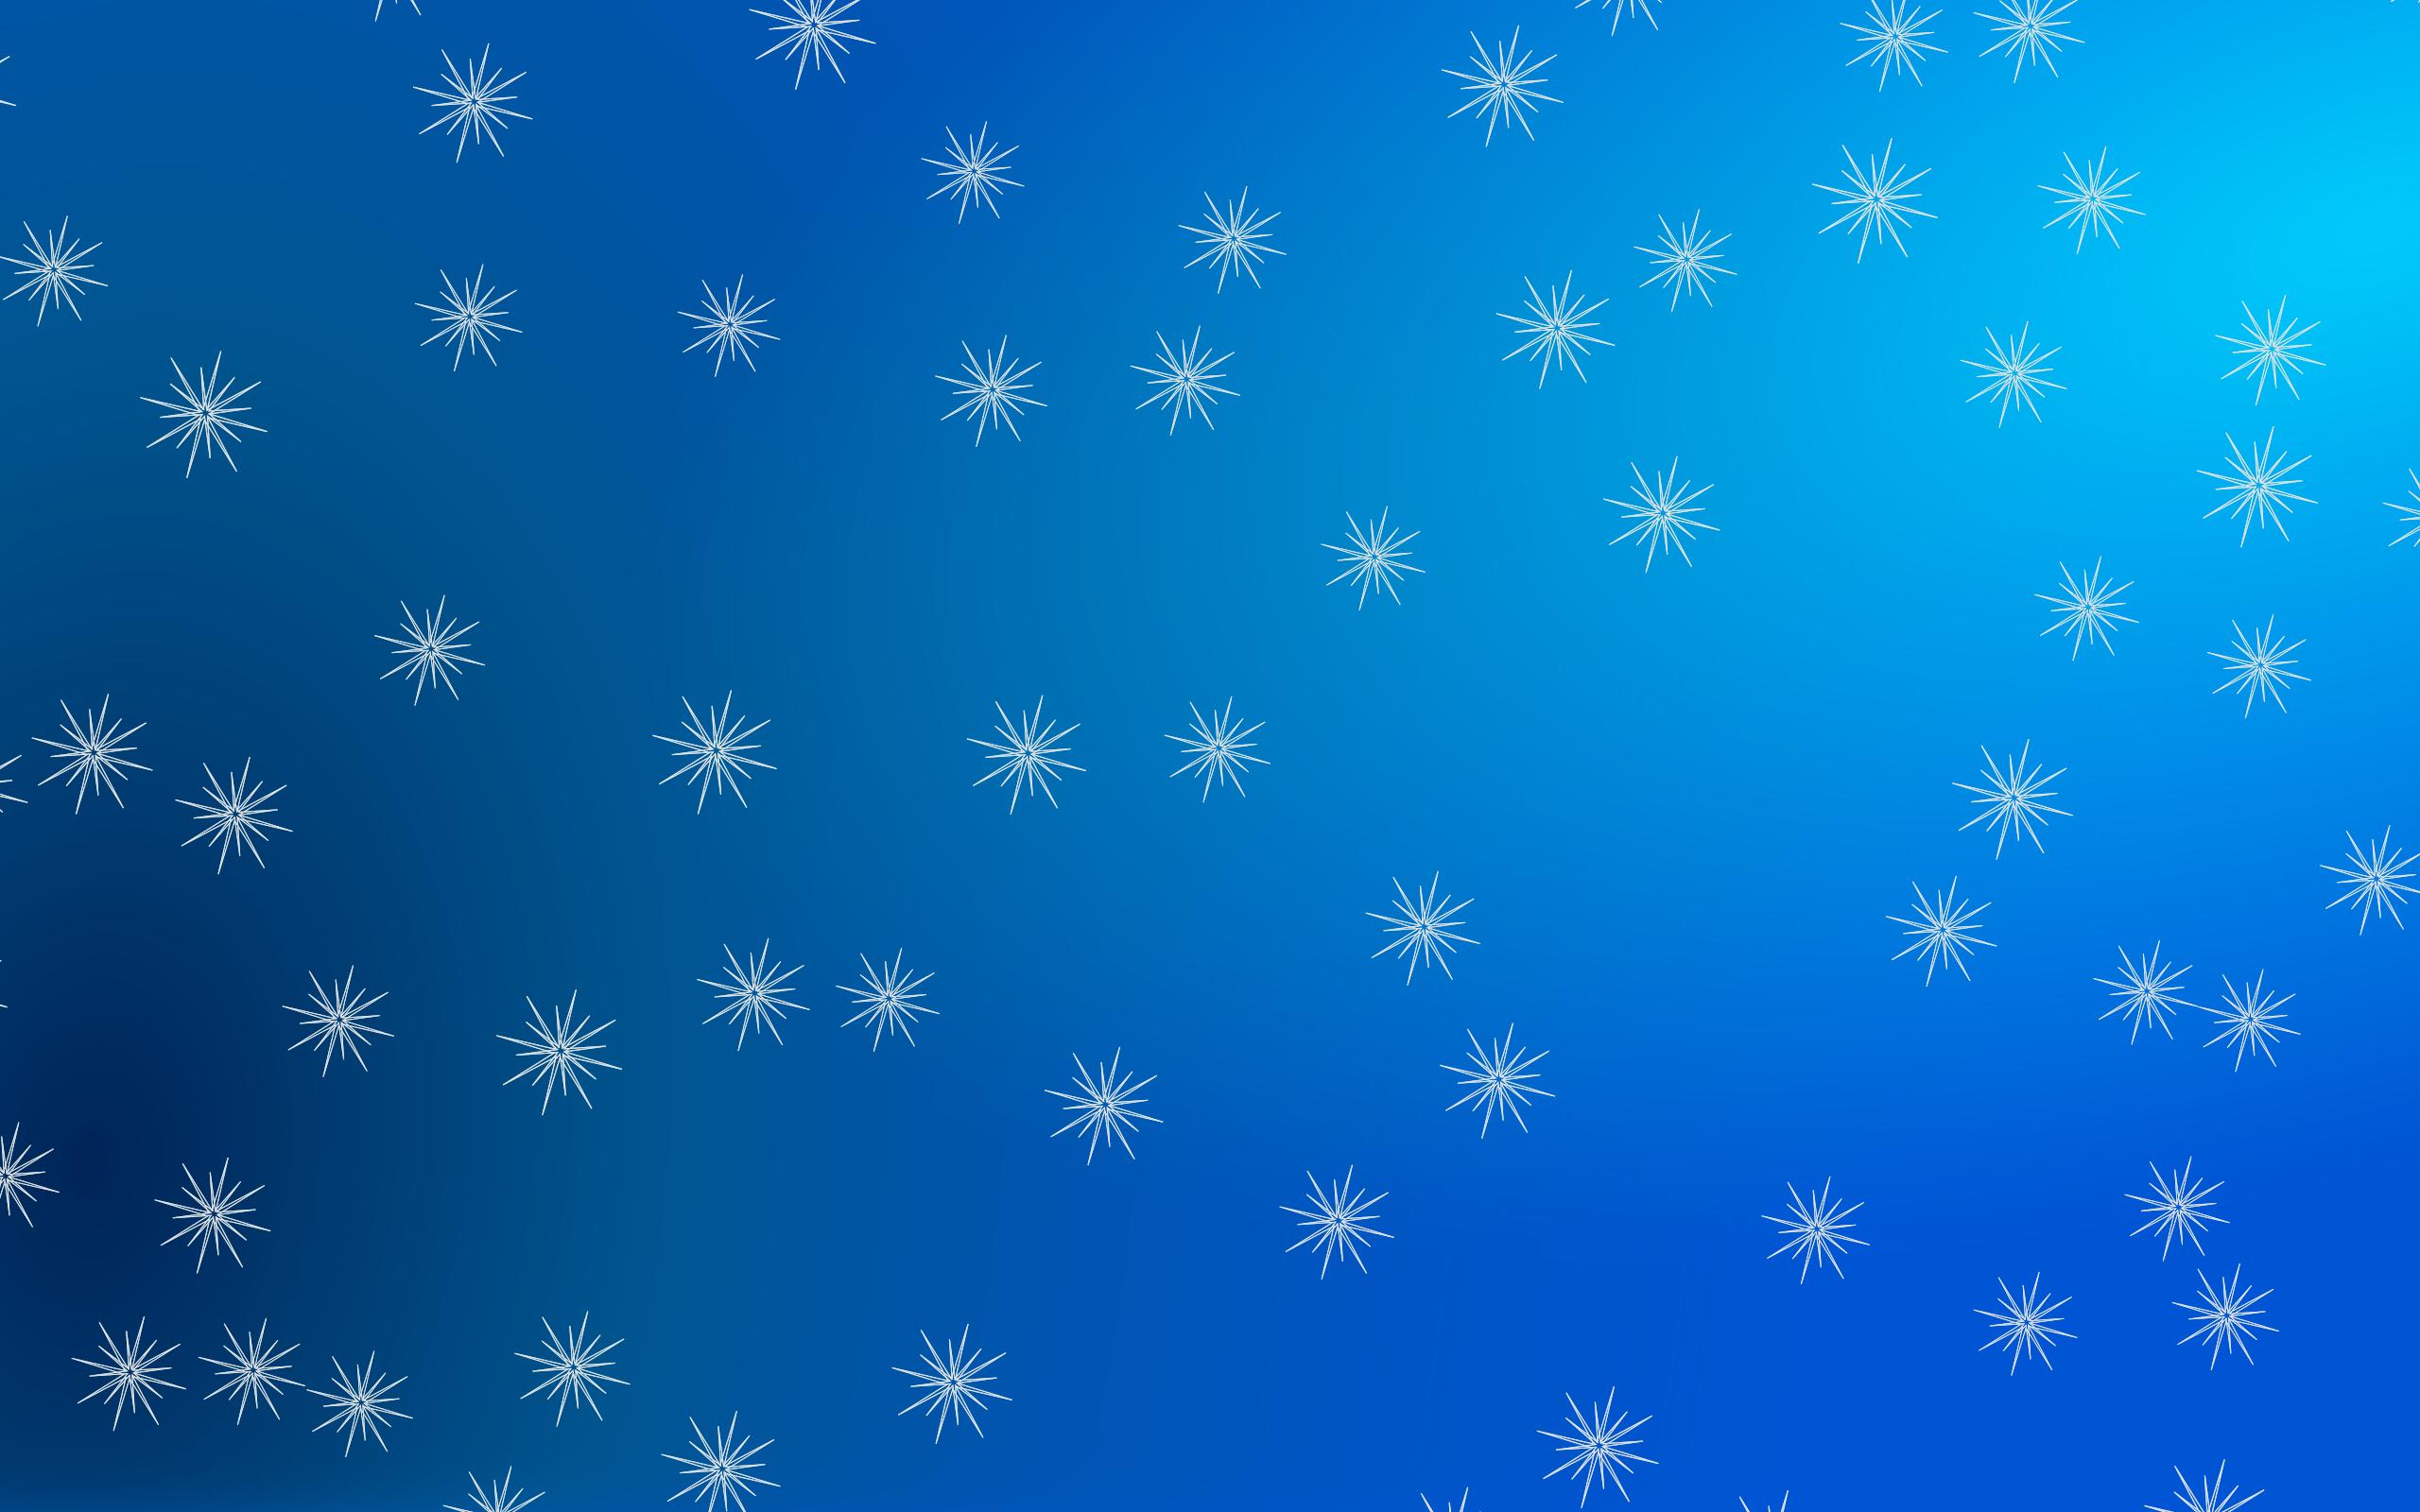 File:Fond d'écran de flocon de neige dans un ciel bleu.png.